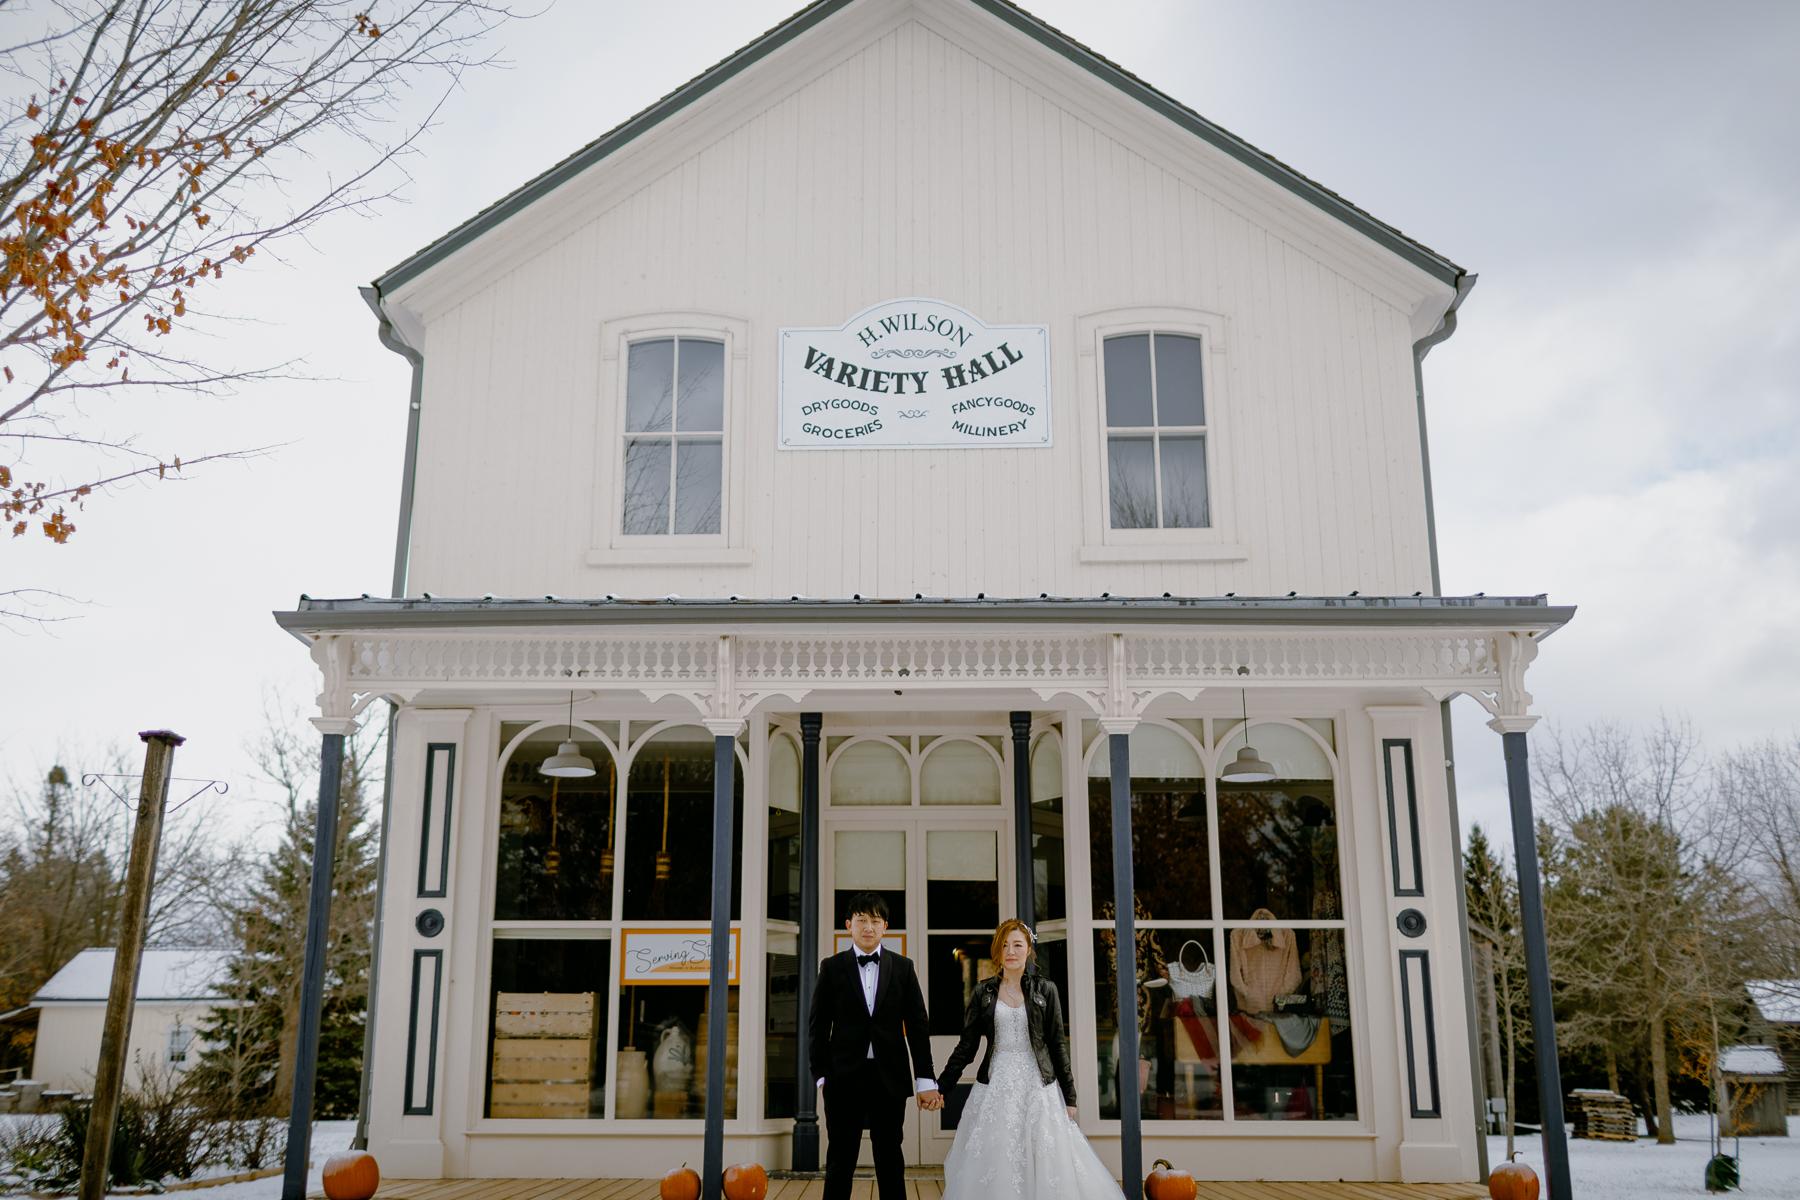 markham-wedding-photography-markham-museum-wedding 0025.jpg